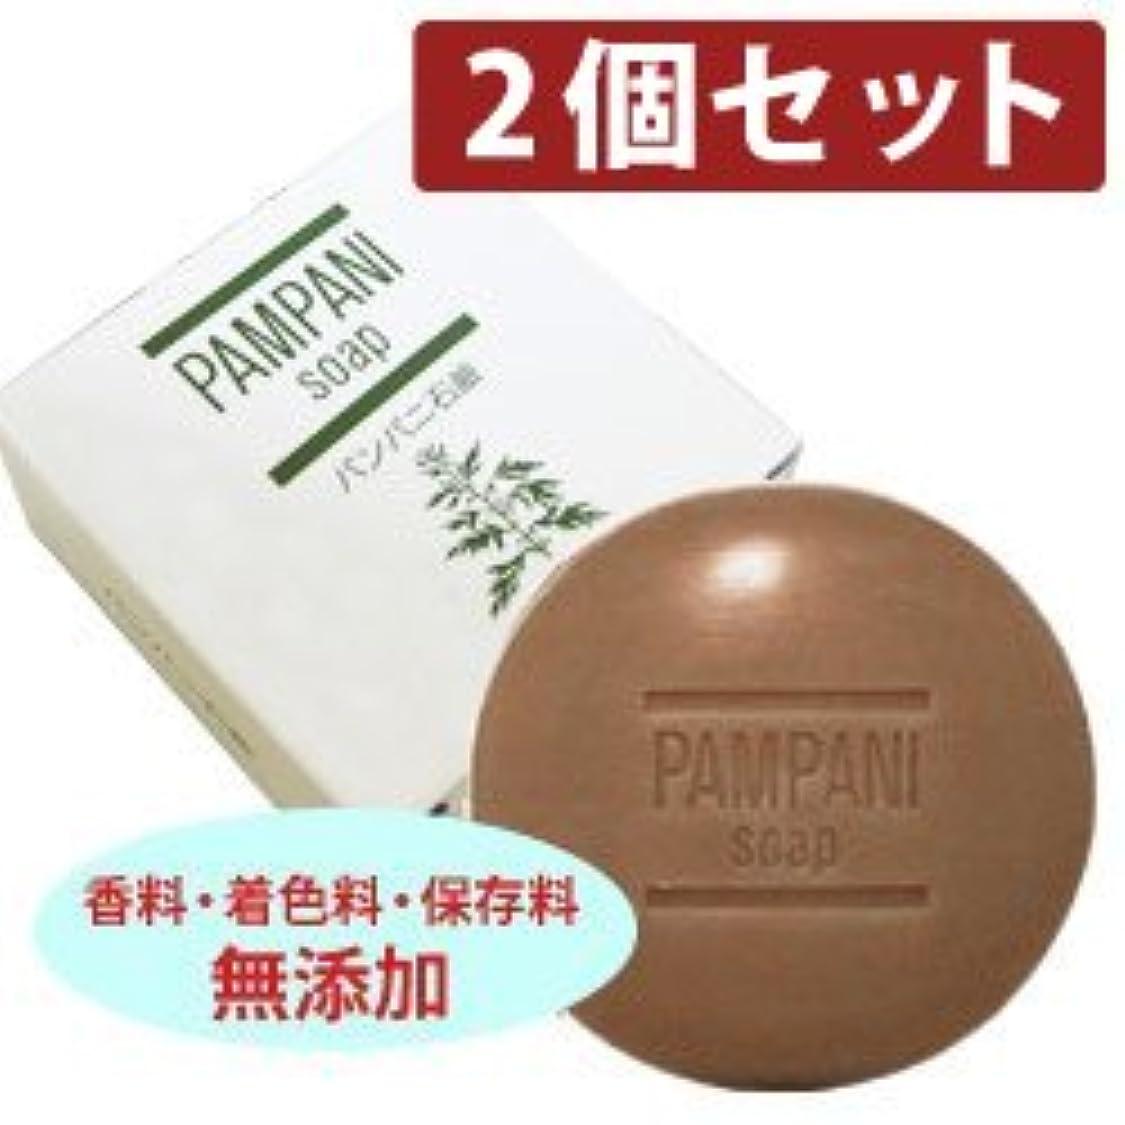 東部動放棄パンパニ 石鹸?90g 【2個セット】